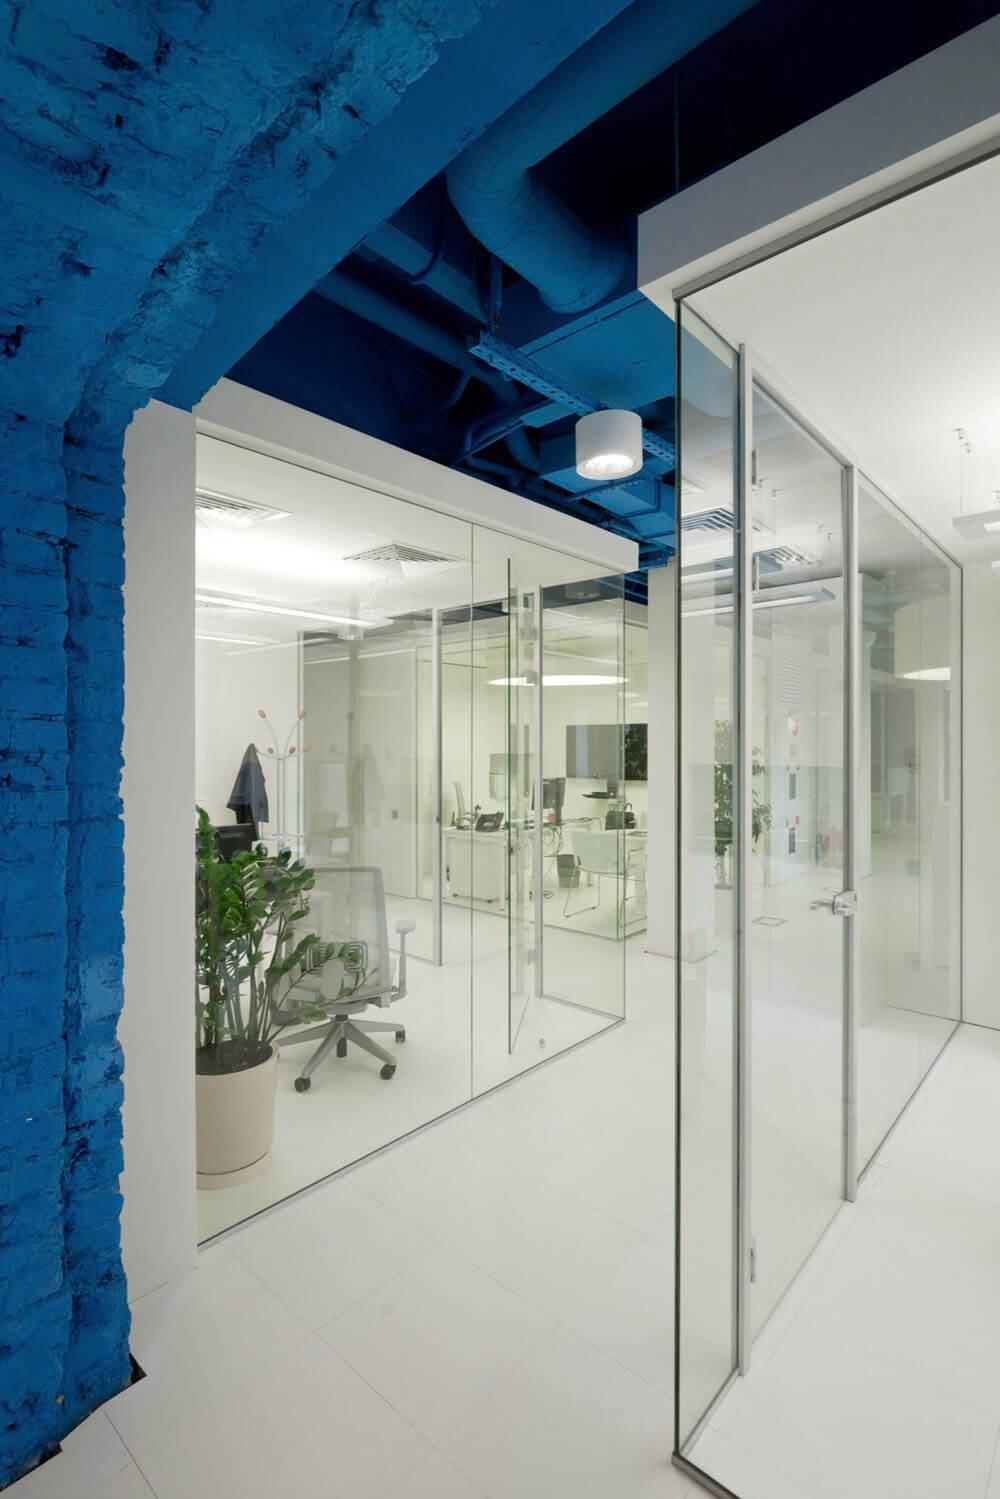 Креативное оформление офиса синий потолок, белые балки и пол, стеклянные стены офисов - фото 4